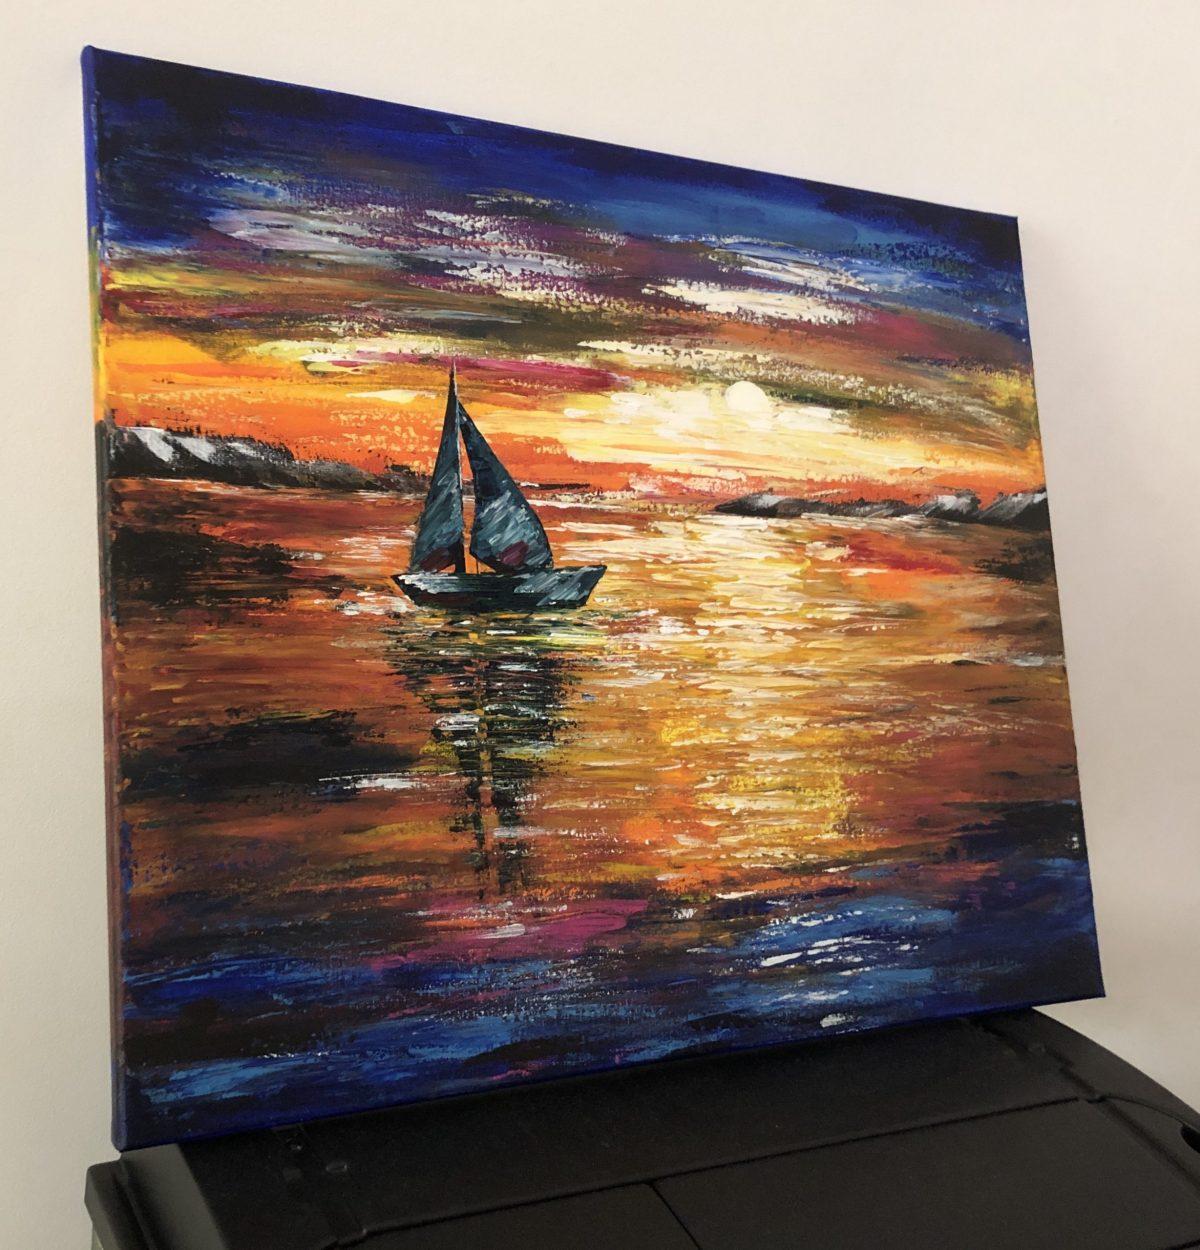 Sunset sail, côté gauche du tableau